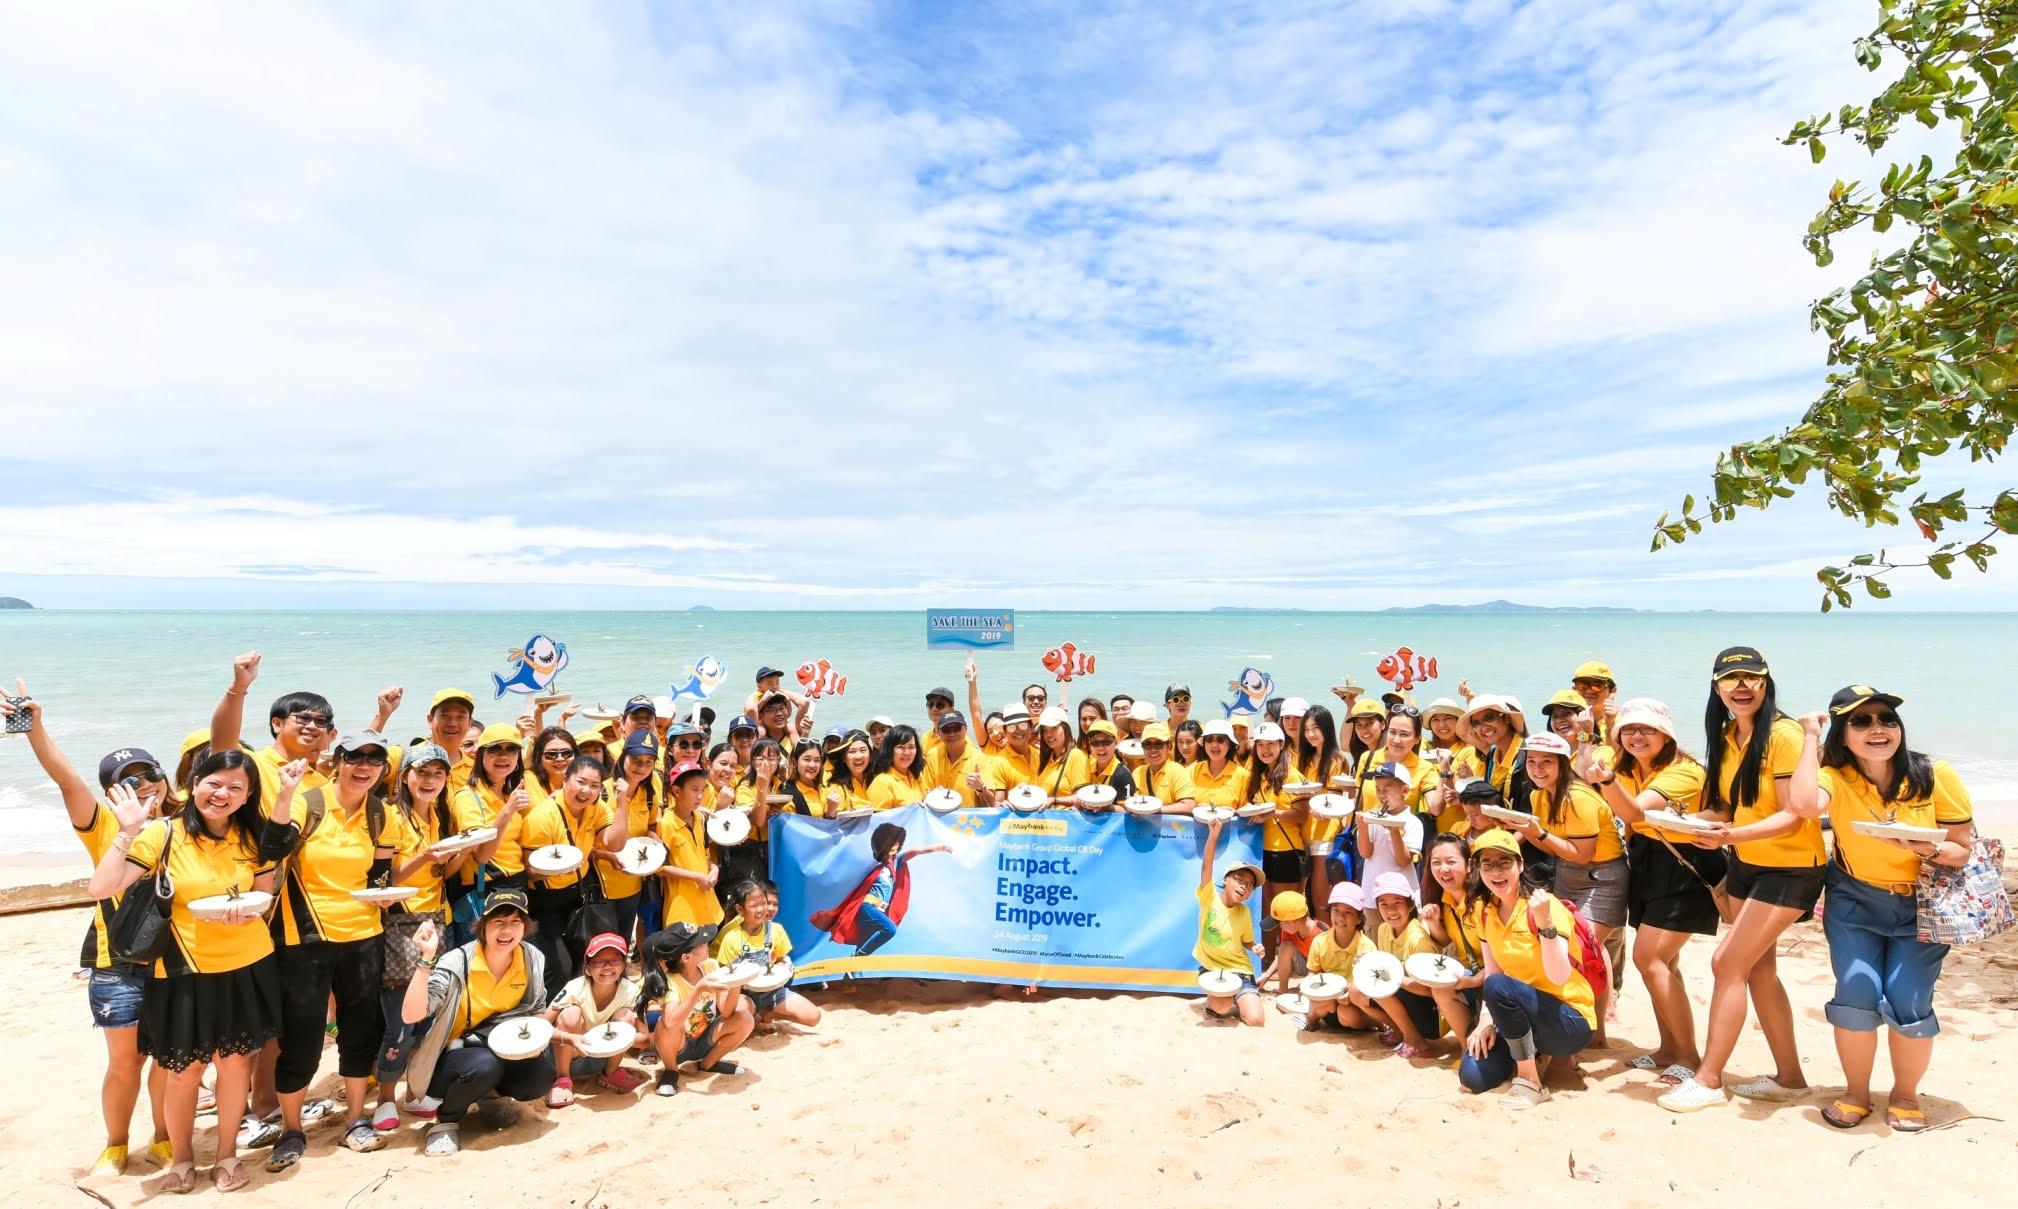 เมย์แบงก์ กิมเอ็ง จัดกิจกรรม Global CR Day2019